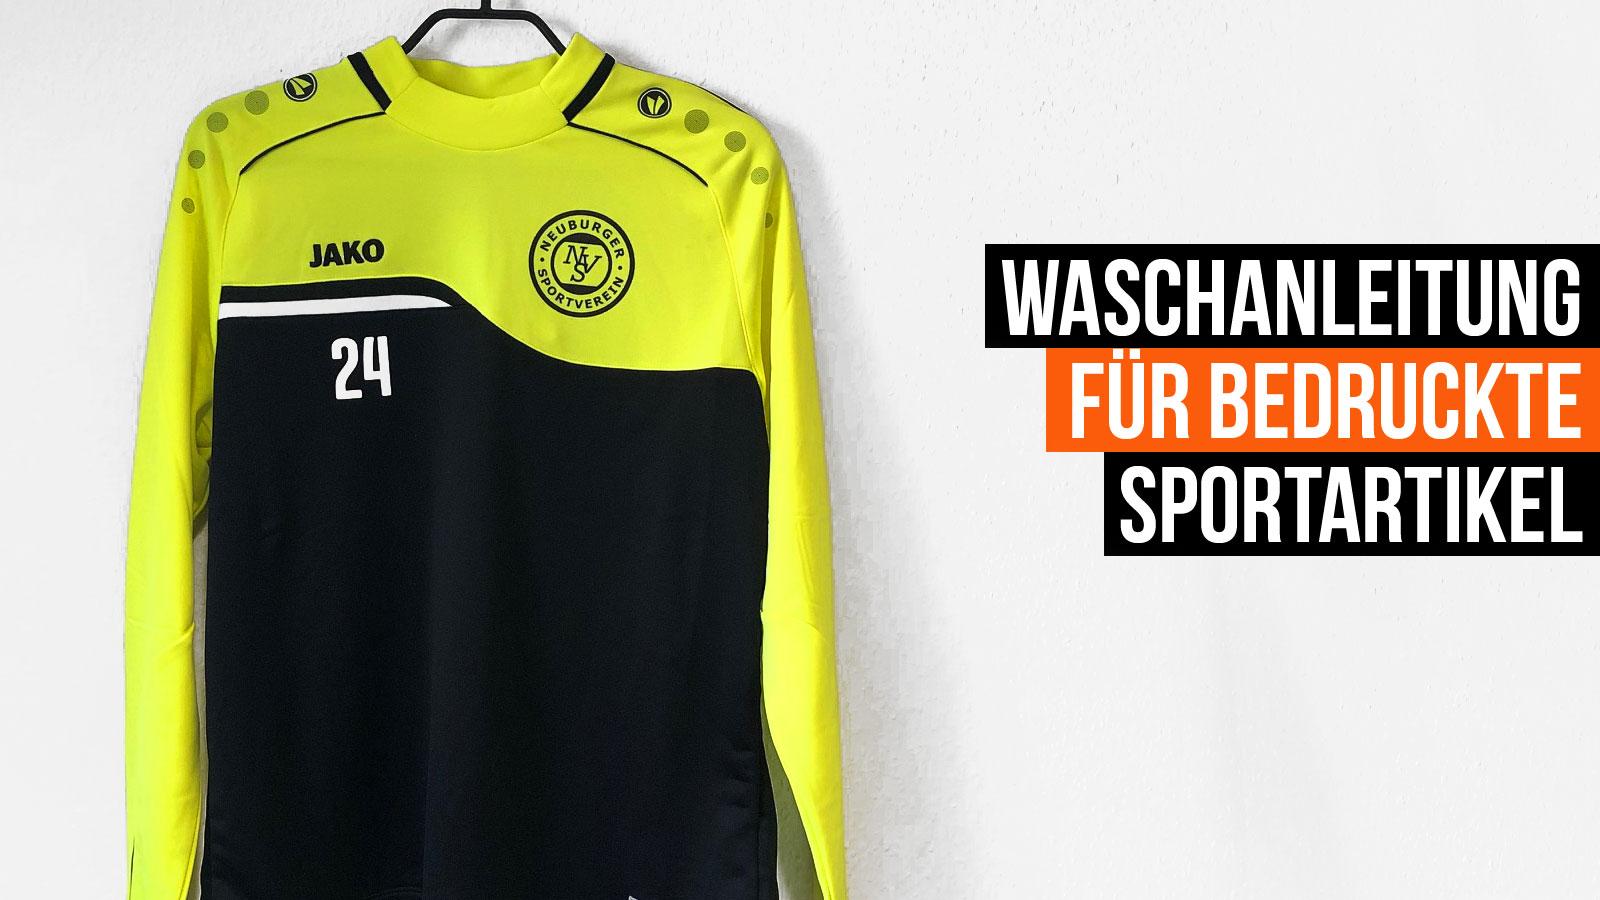 die Waschanleitung für bedruckte Sportbekleidung und Sportartikel